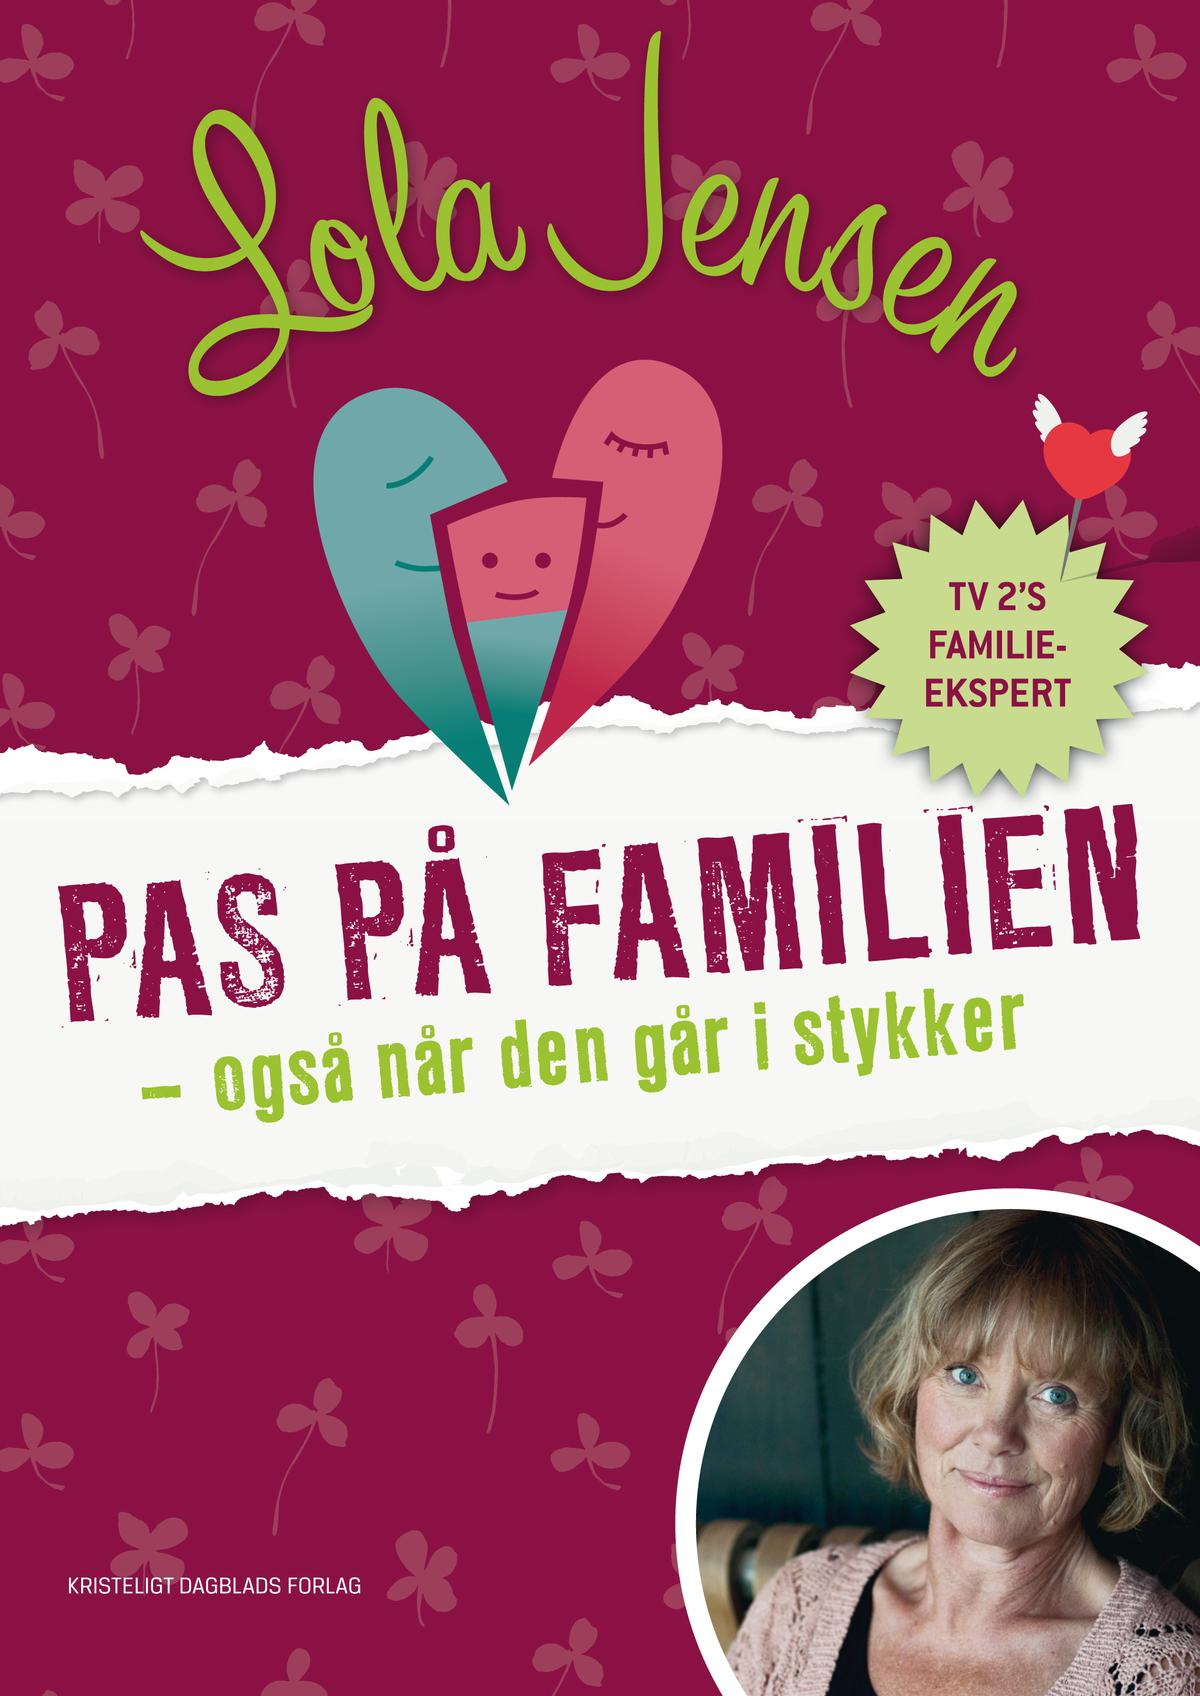 Familievejleder Lola Jensen anbefaler fælles juridisk hjælp til skilsmisseforældre